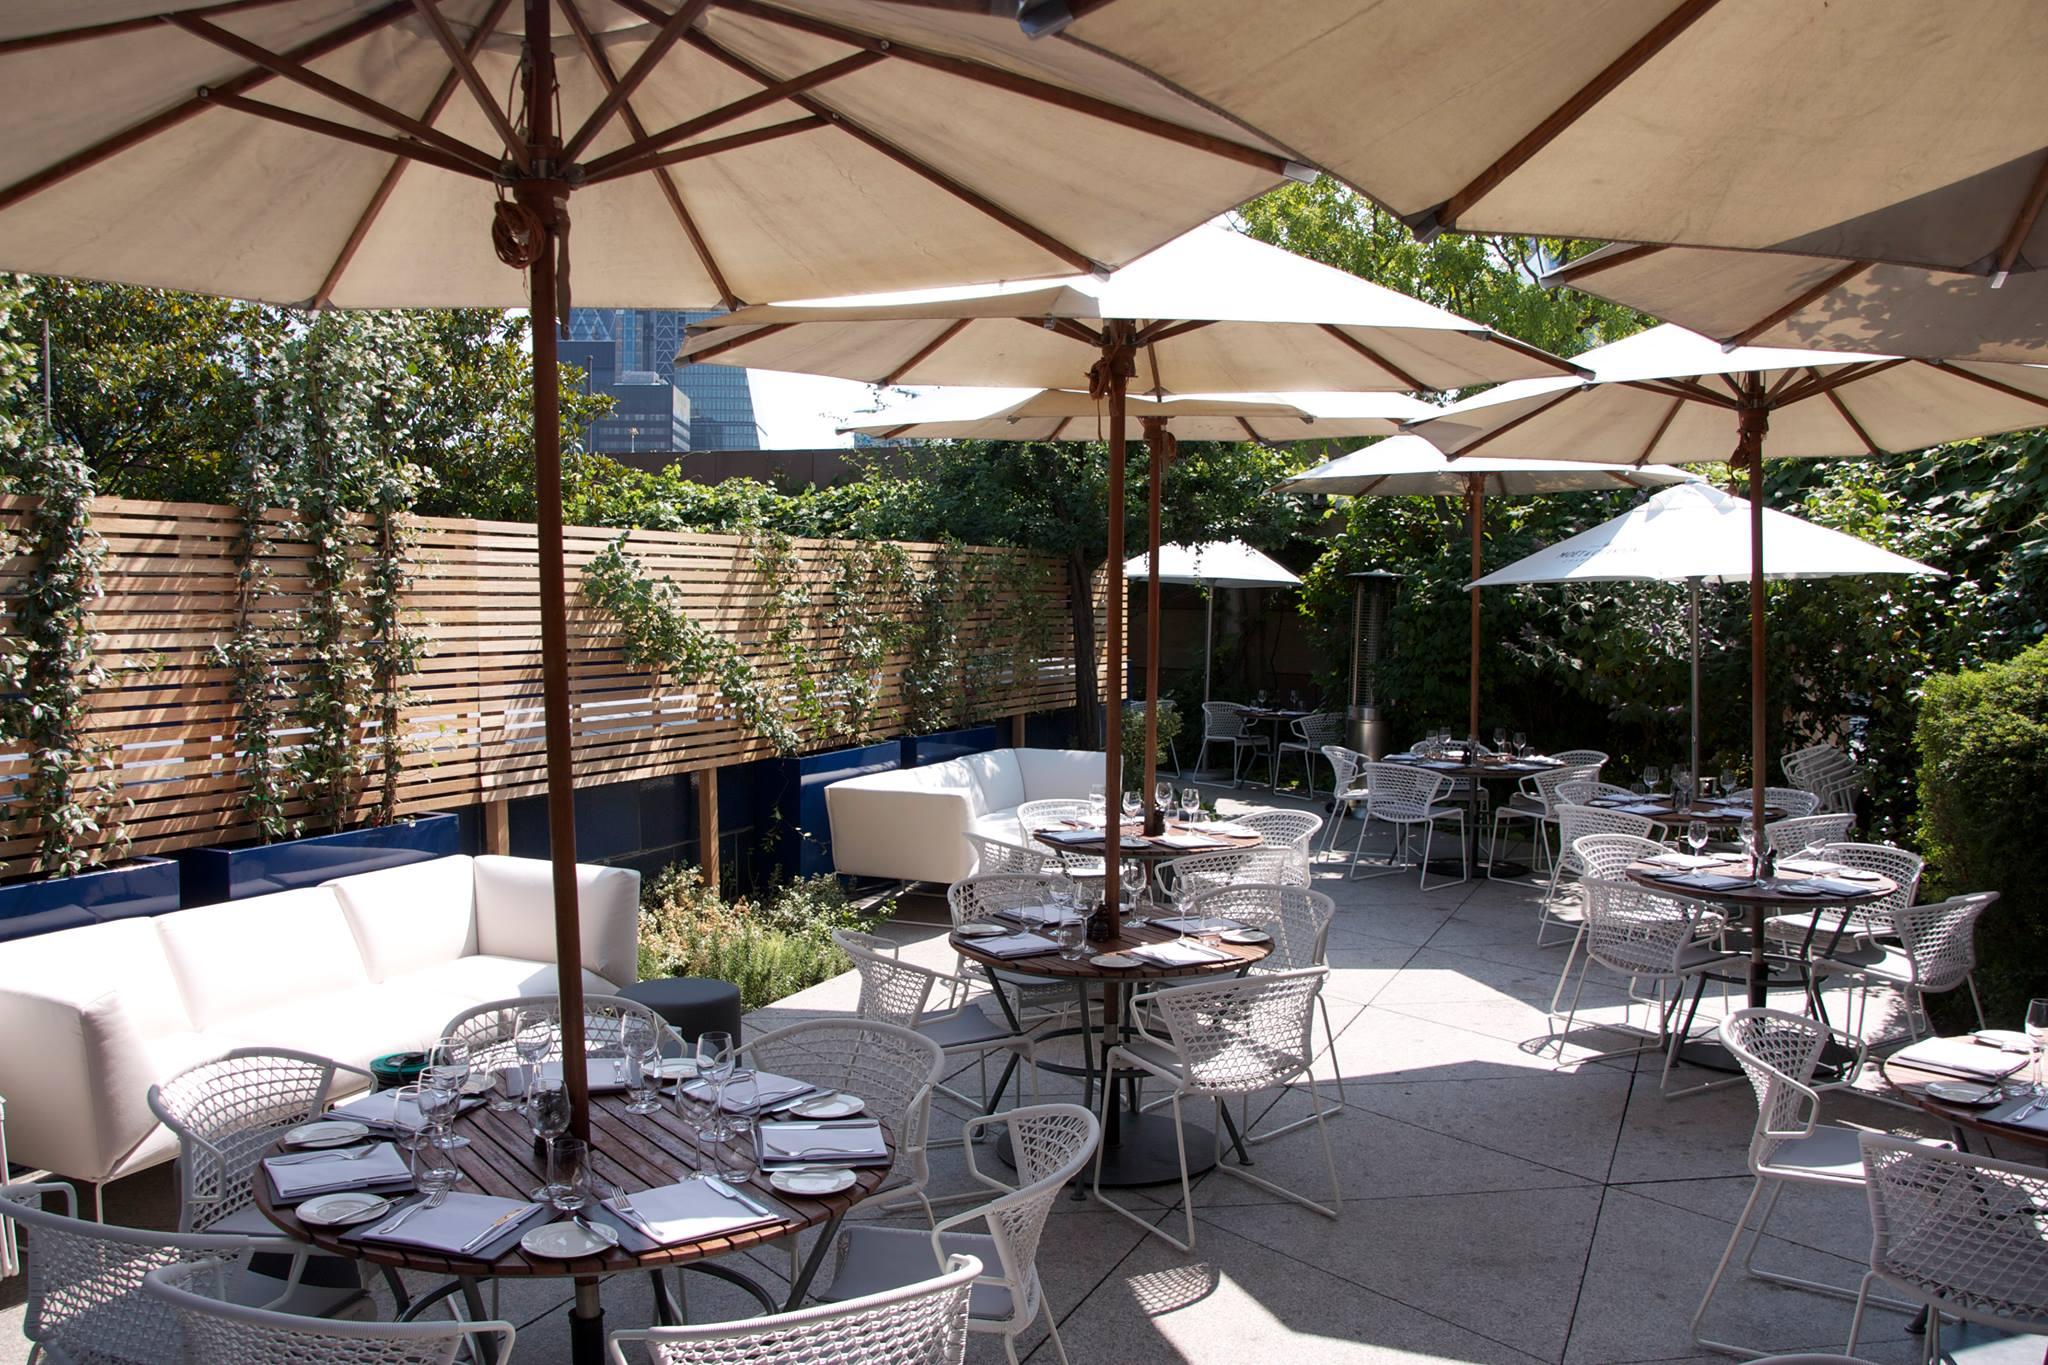 Restauranten og baren Coq d'Argent